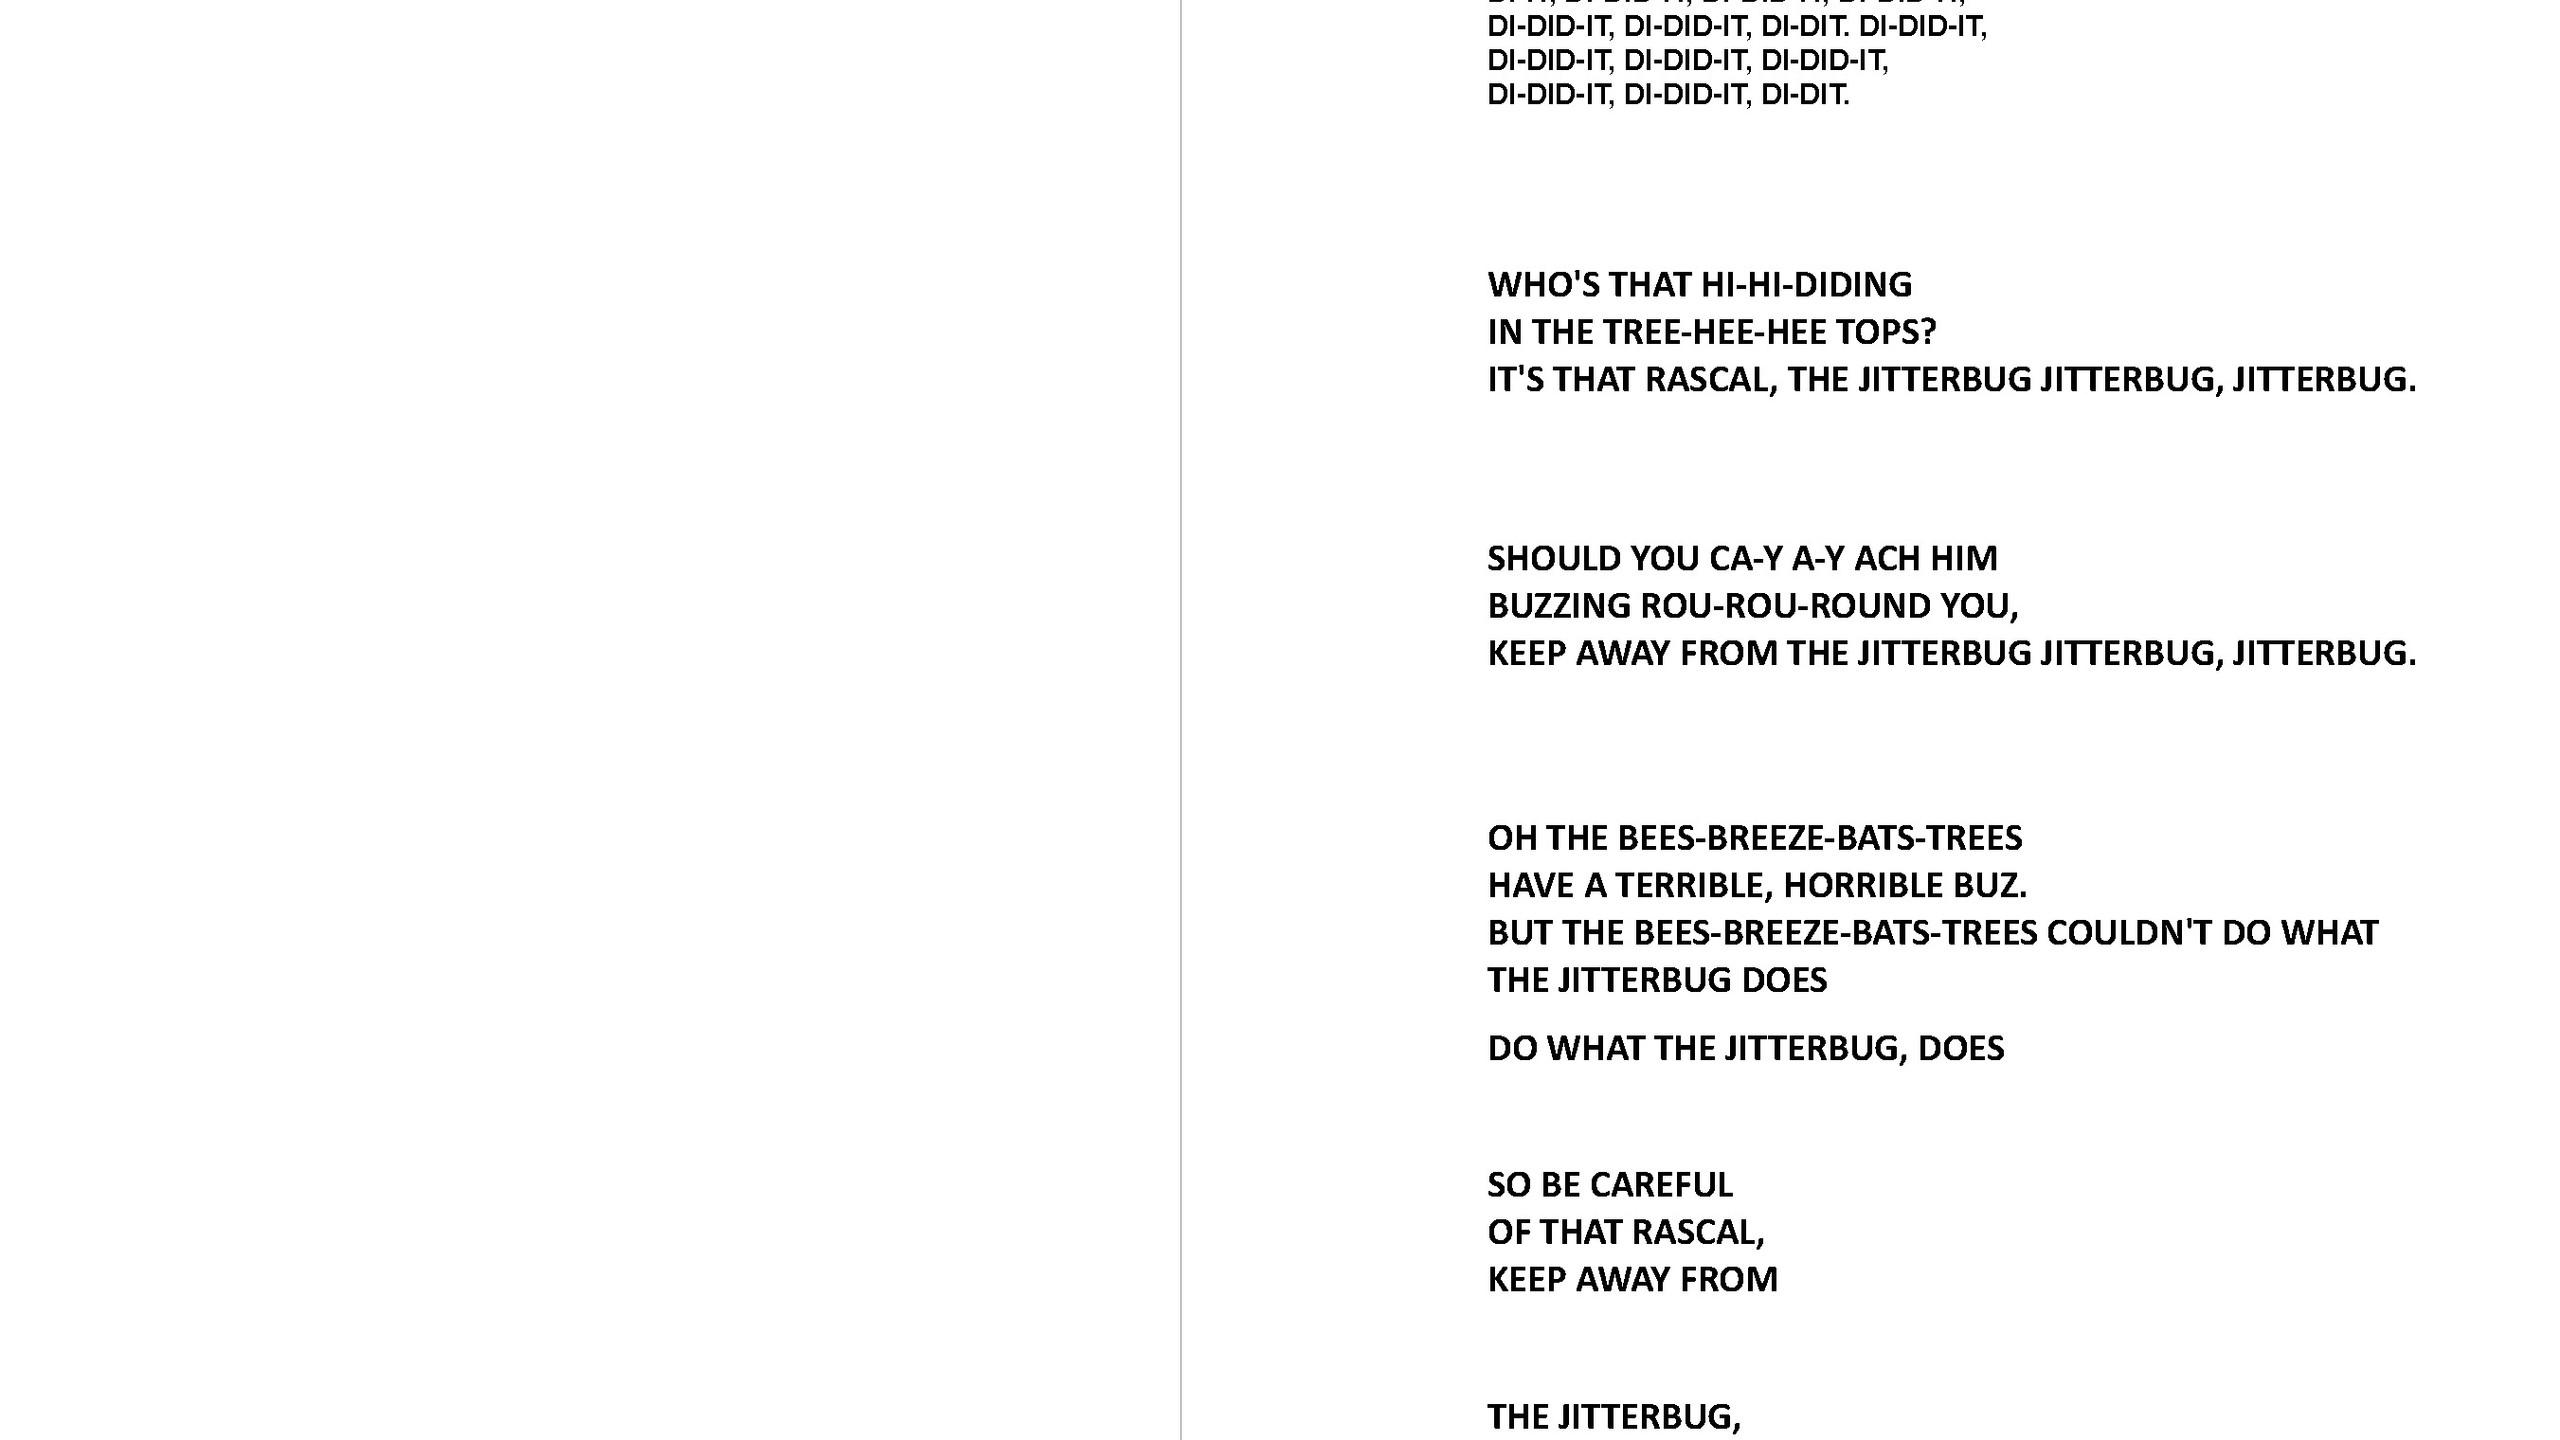 Jiggerbug Page 2